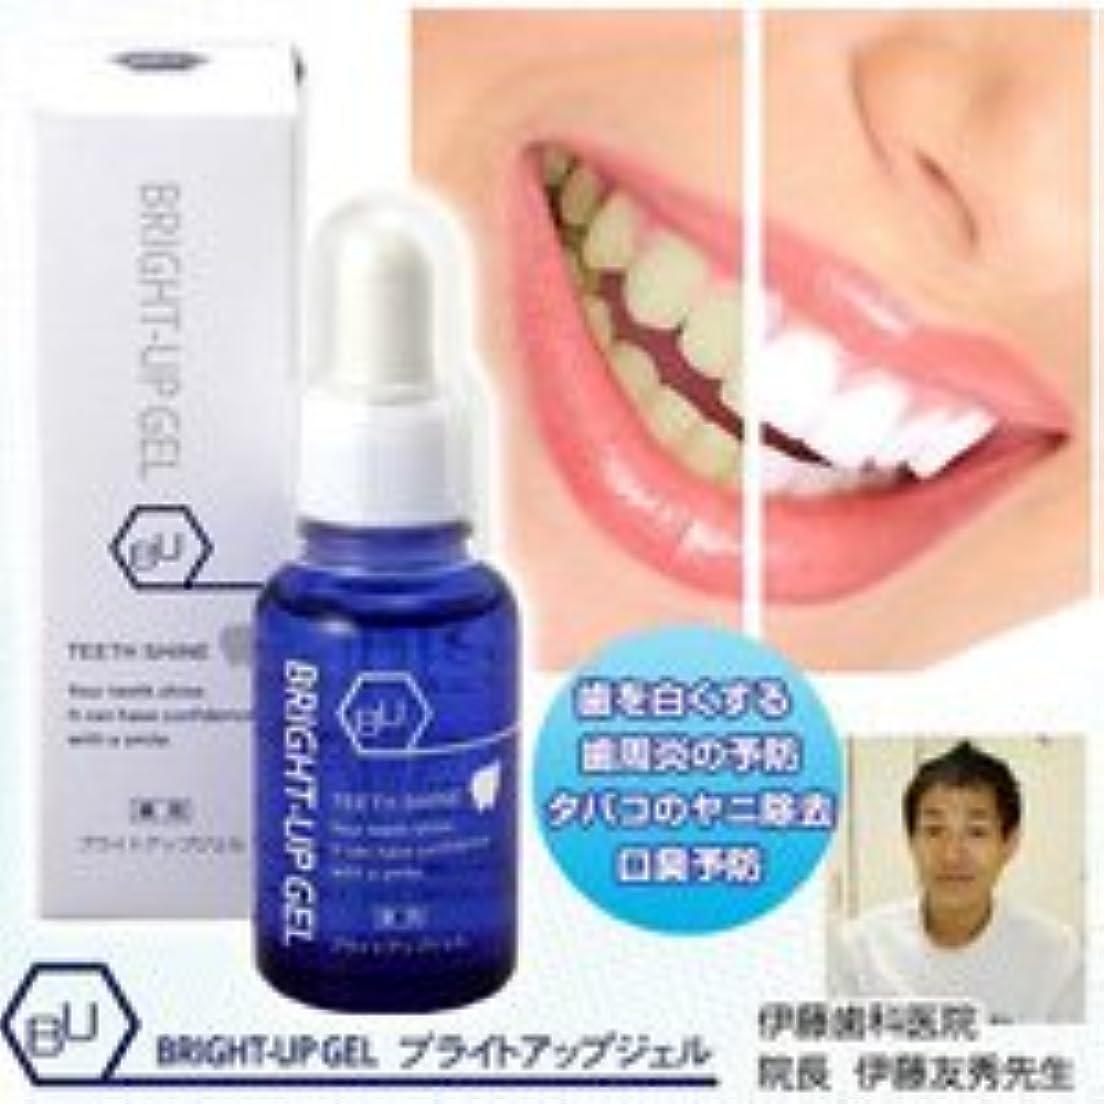 時刻表カリング豪華な薬用ブライトアップジェル☆歯科医監修の4つの医薬部外品含有のホワイトニングジェル